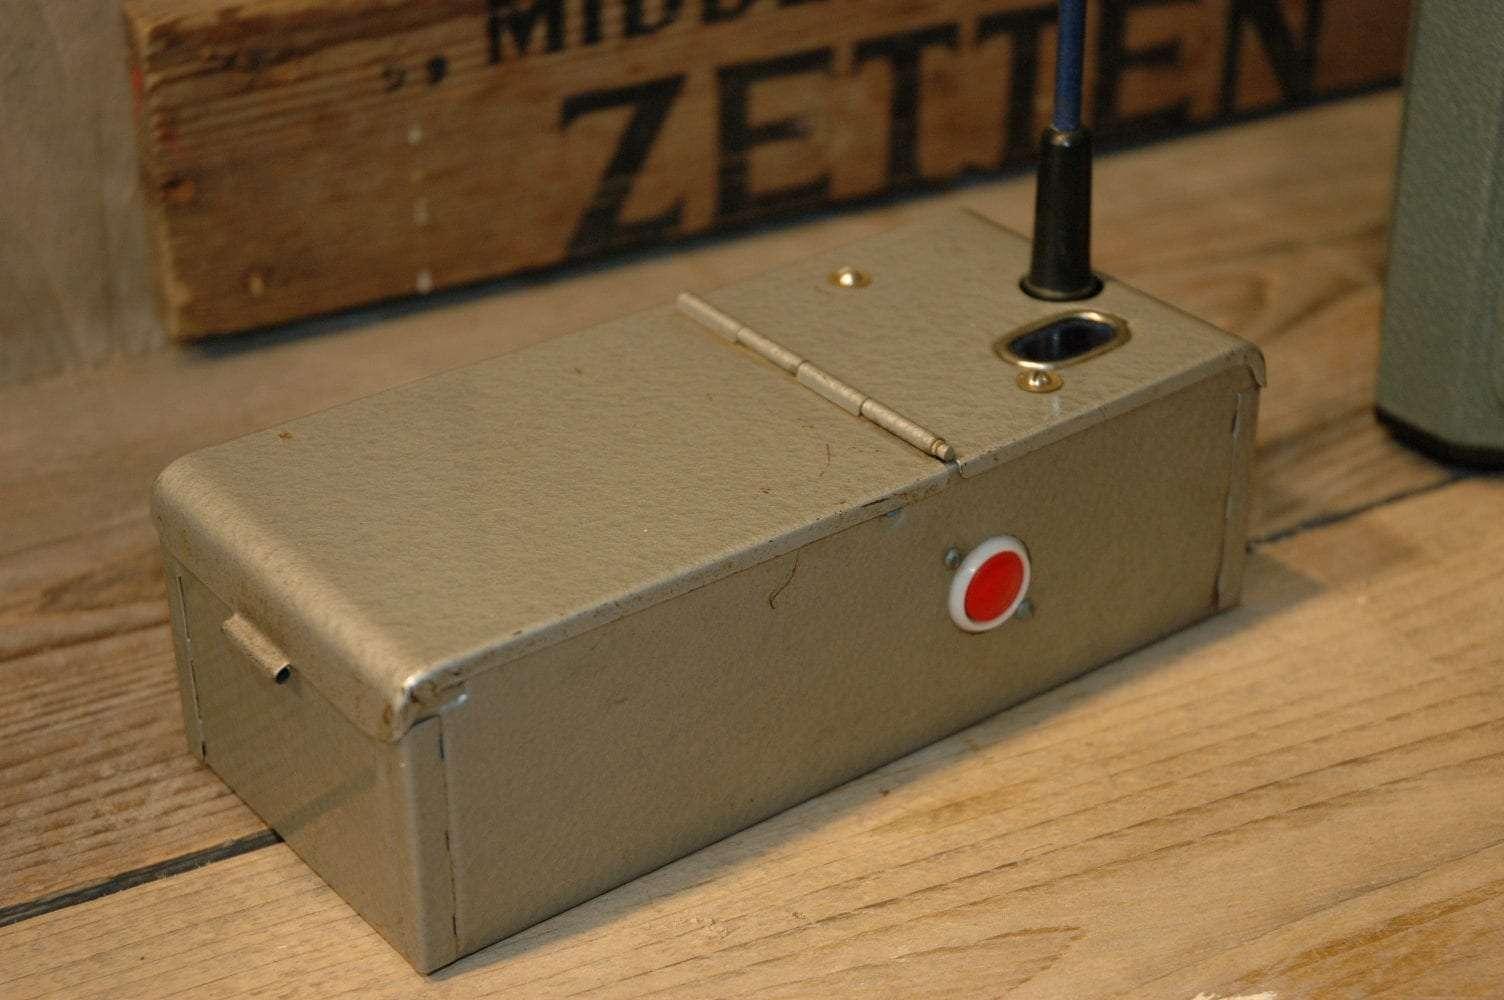 Modern Toys - Radicon Robot